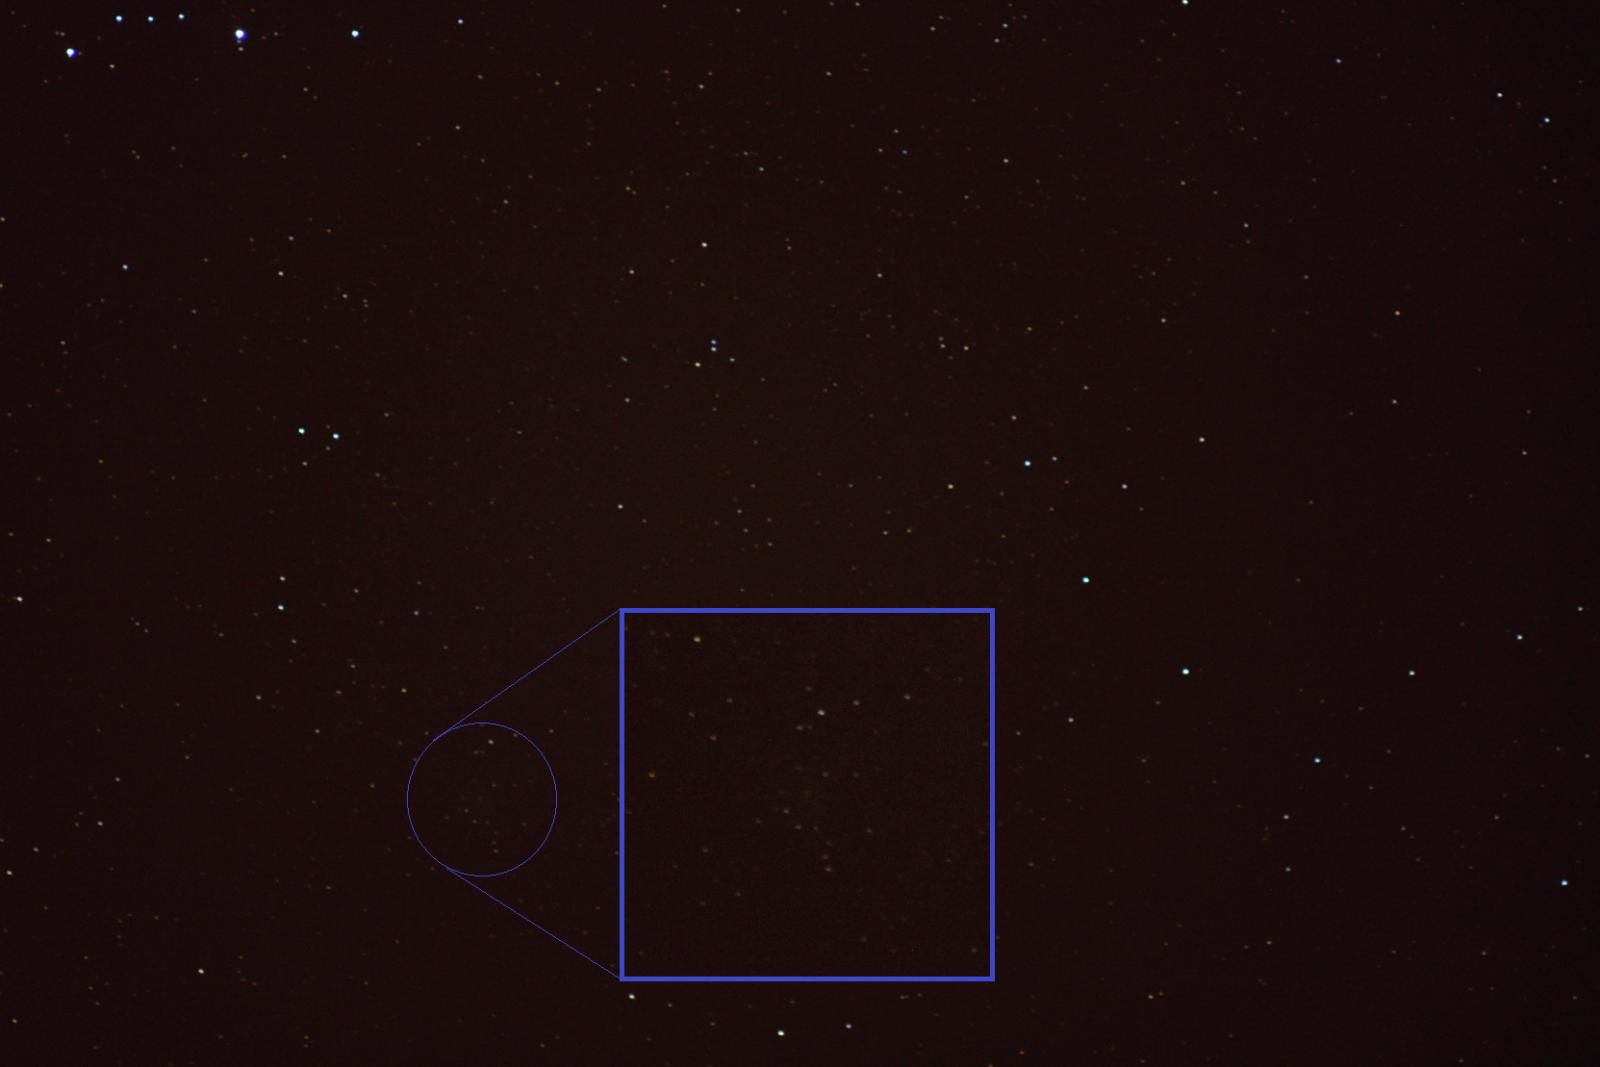 Kometa2.thumb.png.4545b8f5b112b5c155b65cd69fcfad2b.png